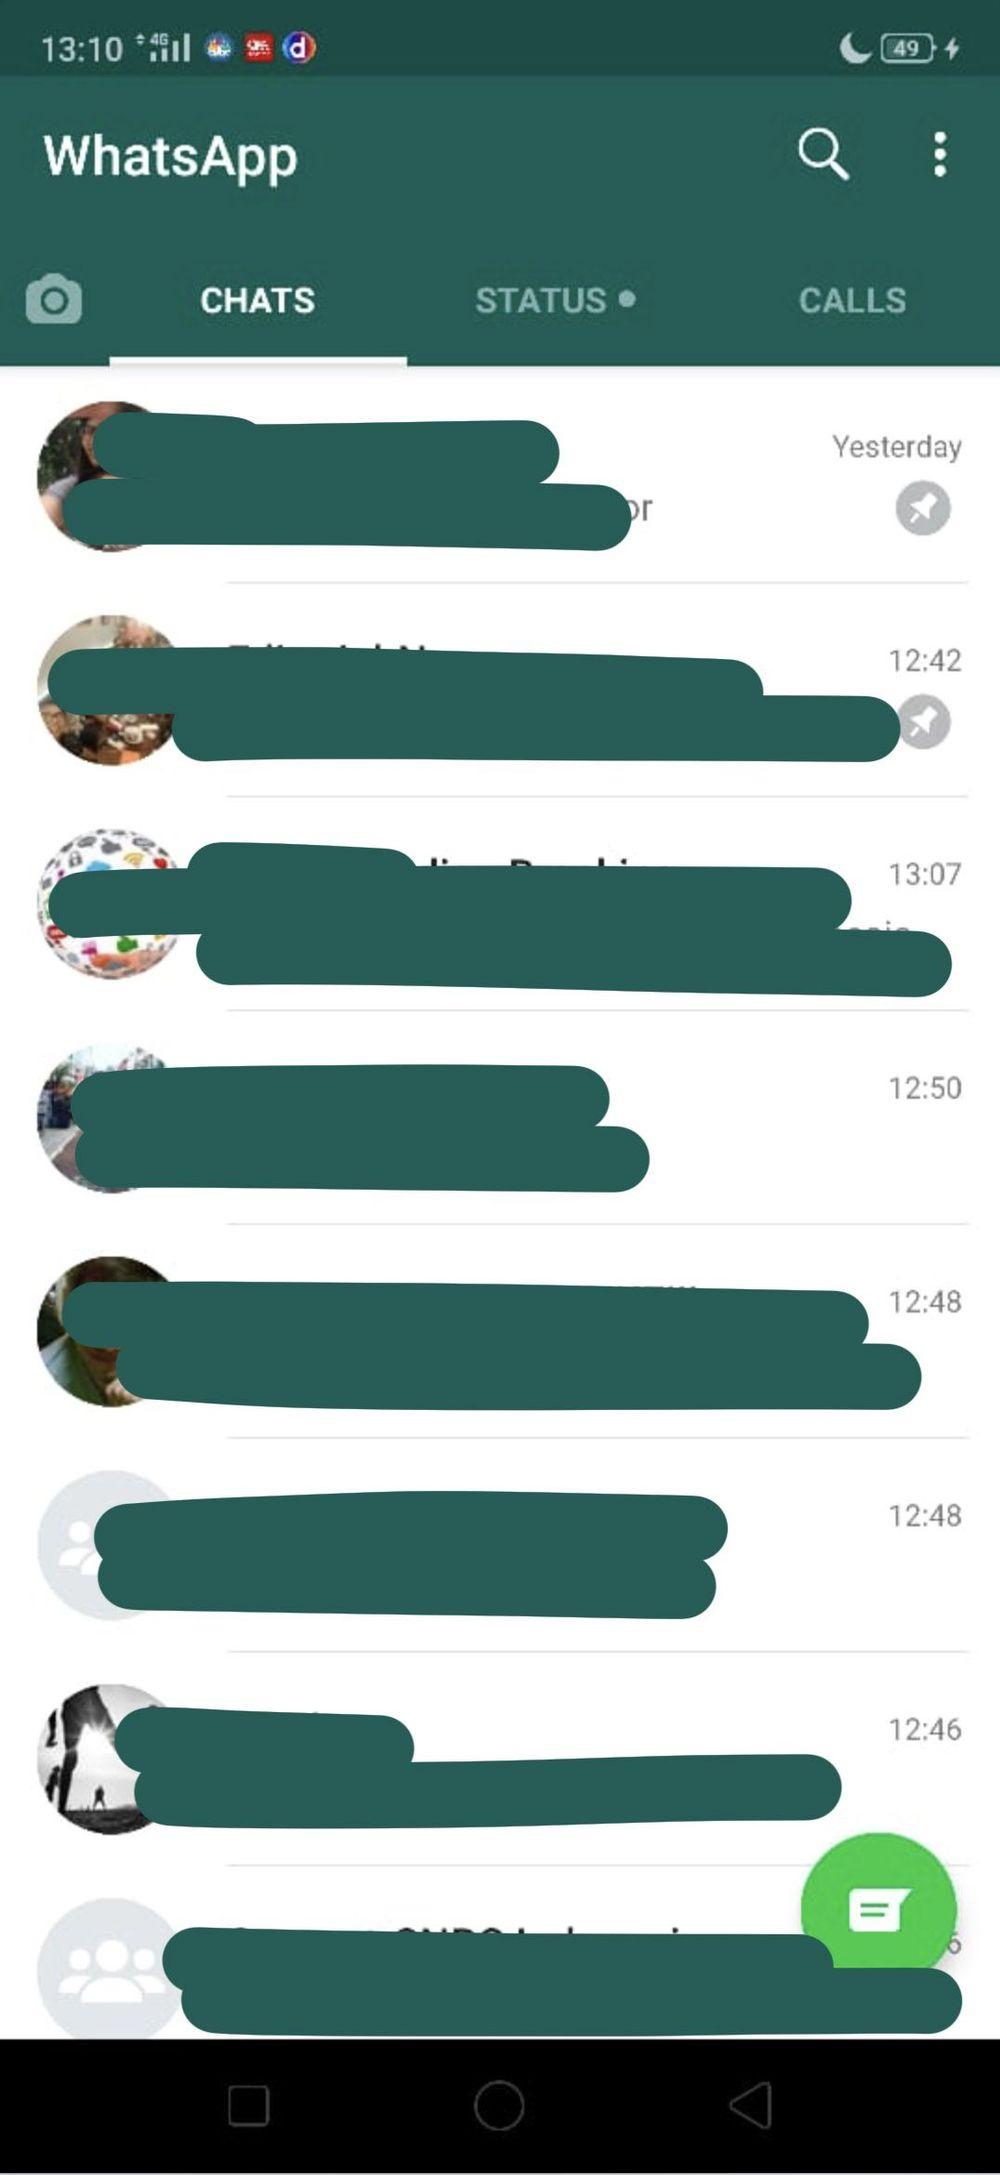 WhatsApp dark mode secara resmi dirilis hari ini (4/3/2020). Pengguna Android dan iPhone sudah bisa menikmati. Bila belum ada baiknya lihat deretan foto ini.